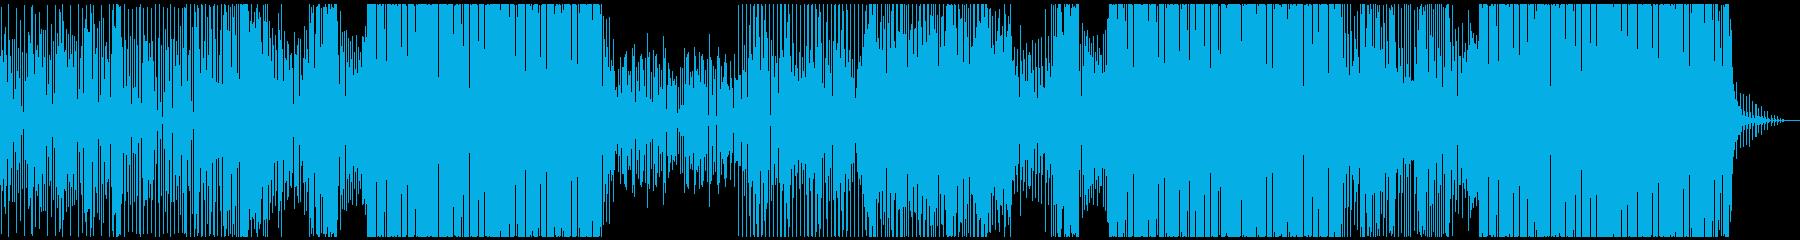 【生ギター】海で聴きたいサーフ系ポップの再生済みの波形